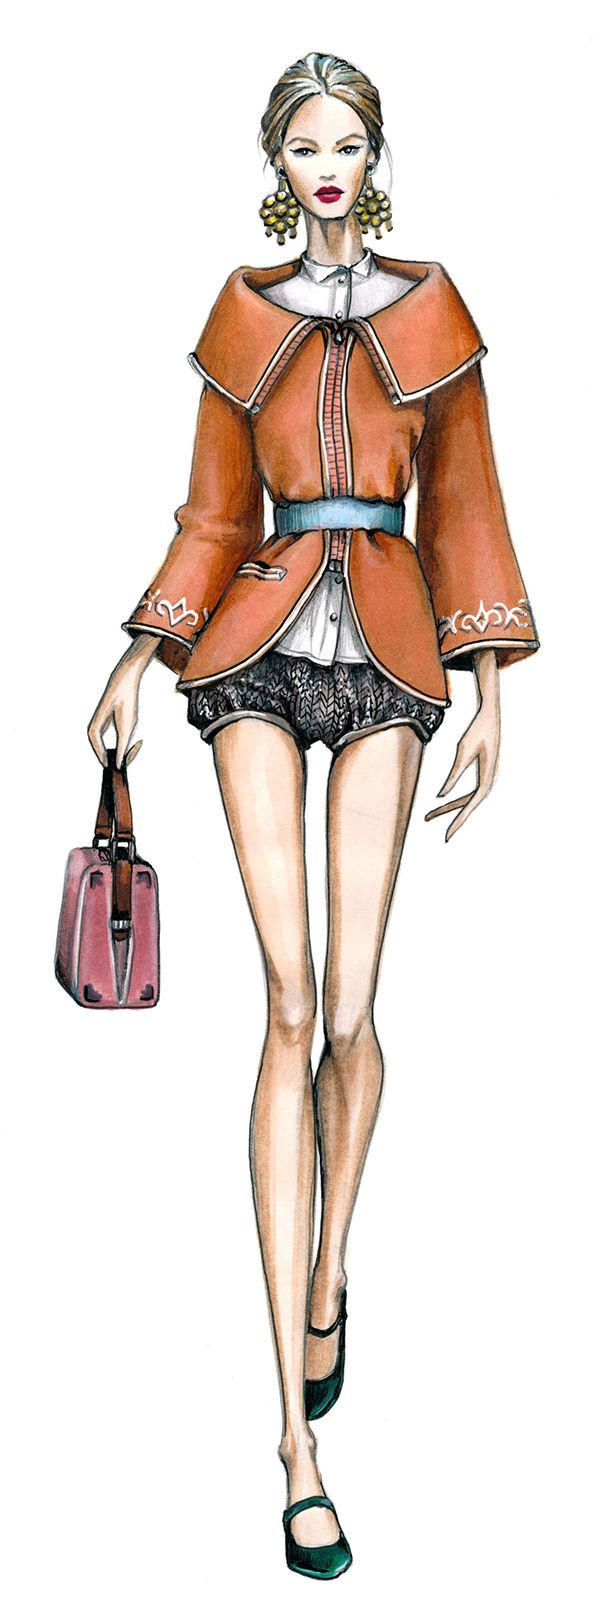 ilustrações de moda